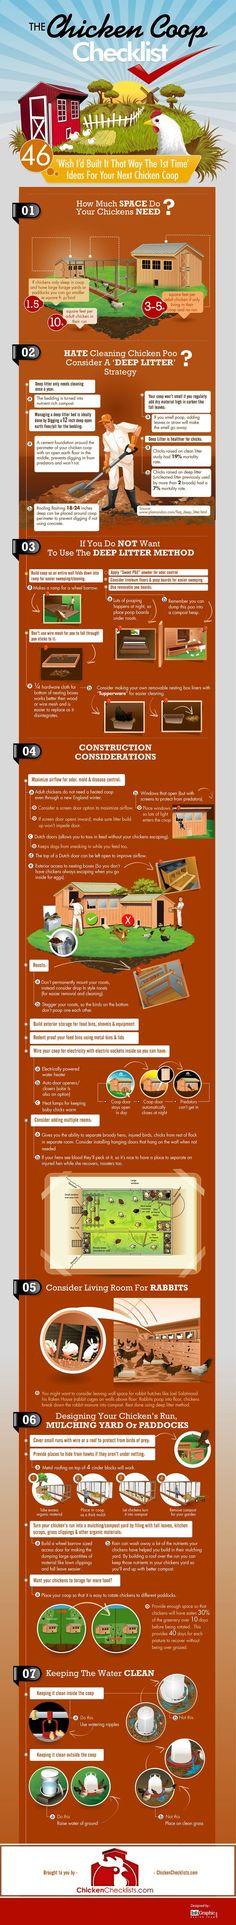 Chicken Coop Checklist #chickencoop #raisingchickens #chickenlover #homesteading